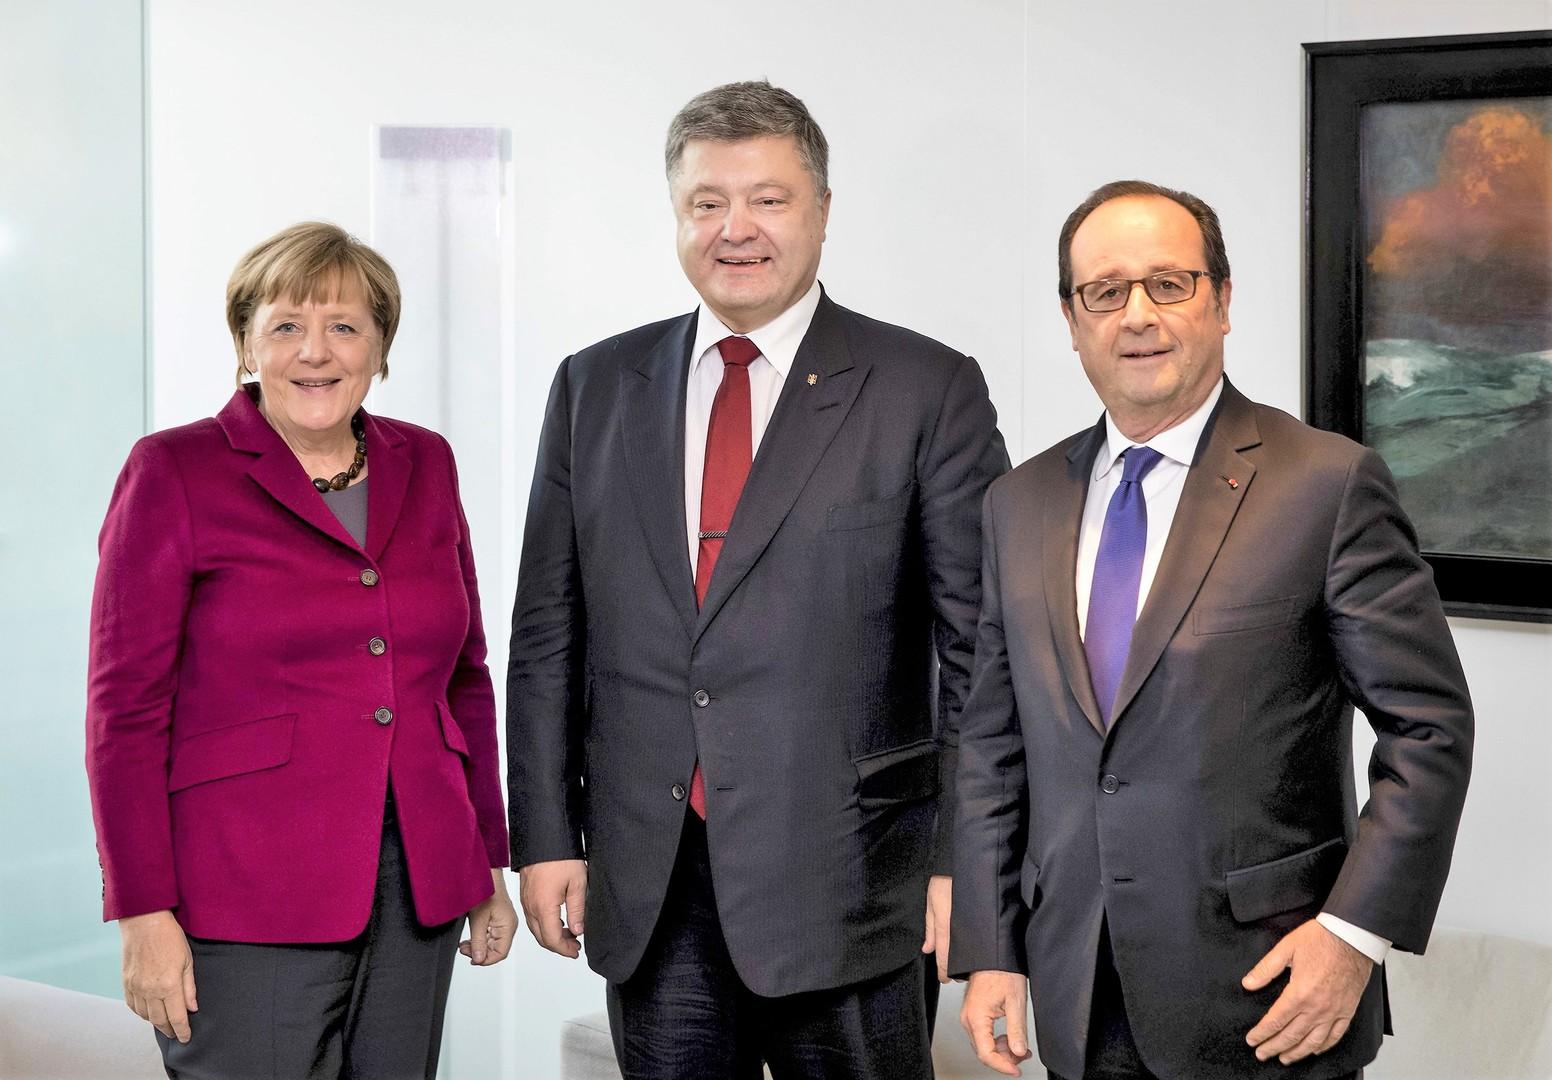 Minsker Abkommen ist eine Farce: Russlands Strategie im Ukraine-Konflikt steht vor Umbruch